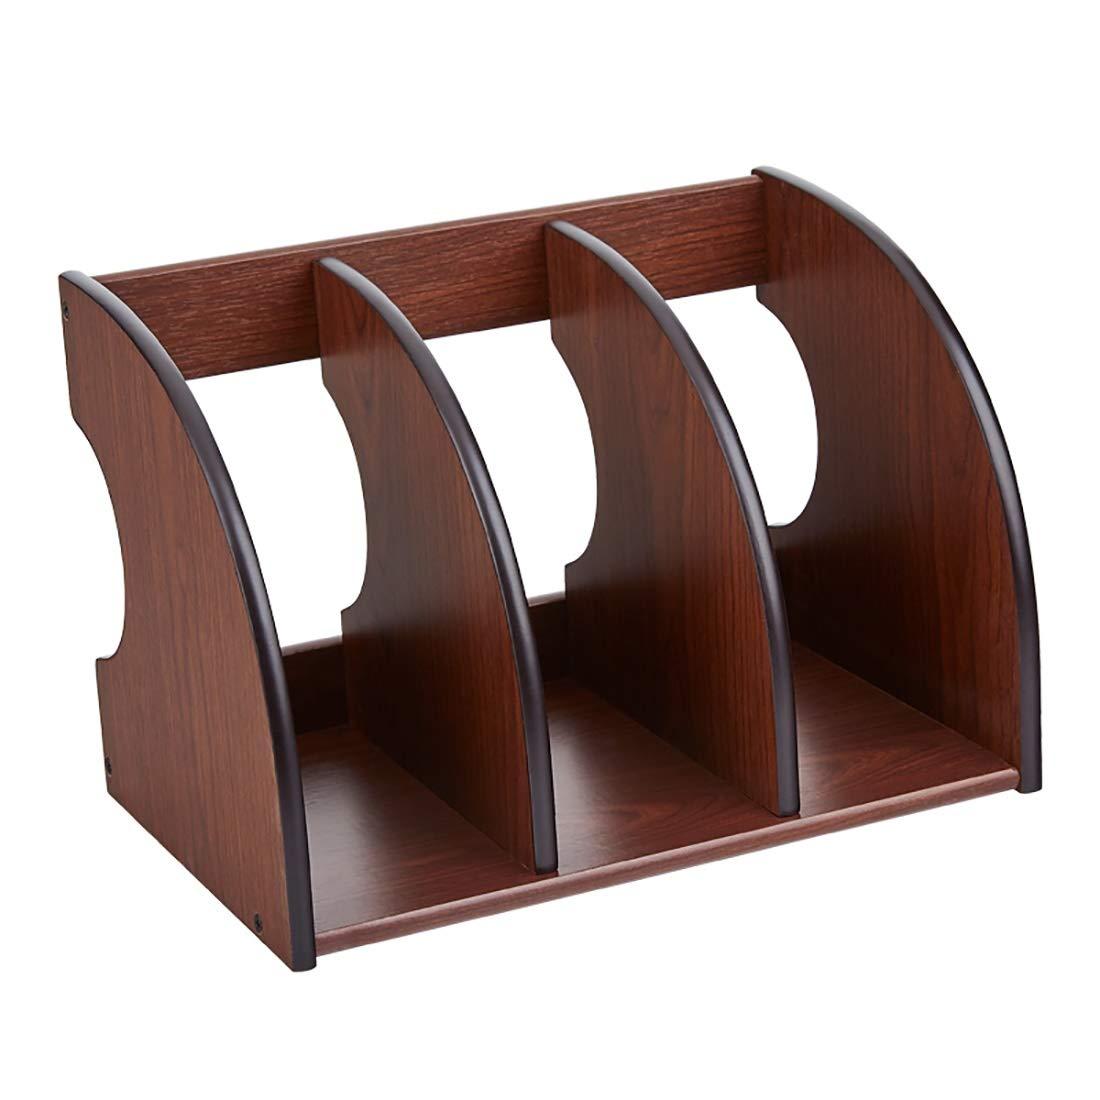 YCYG File Shelf Wooden,File Shelf/File Holder - File Holder Racks, File Organizer, Desktop File Folder Paper Sorter, Multifunction File Holder, Solid Wooden by YCYG